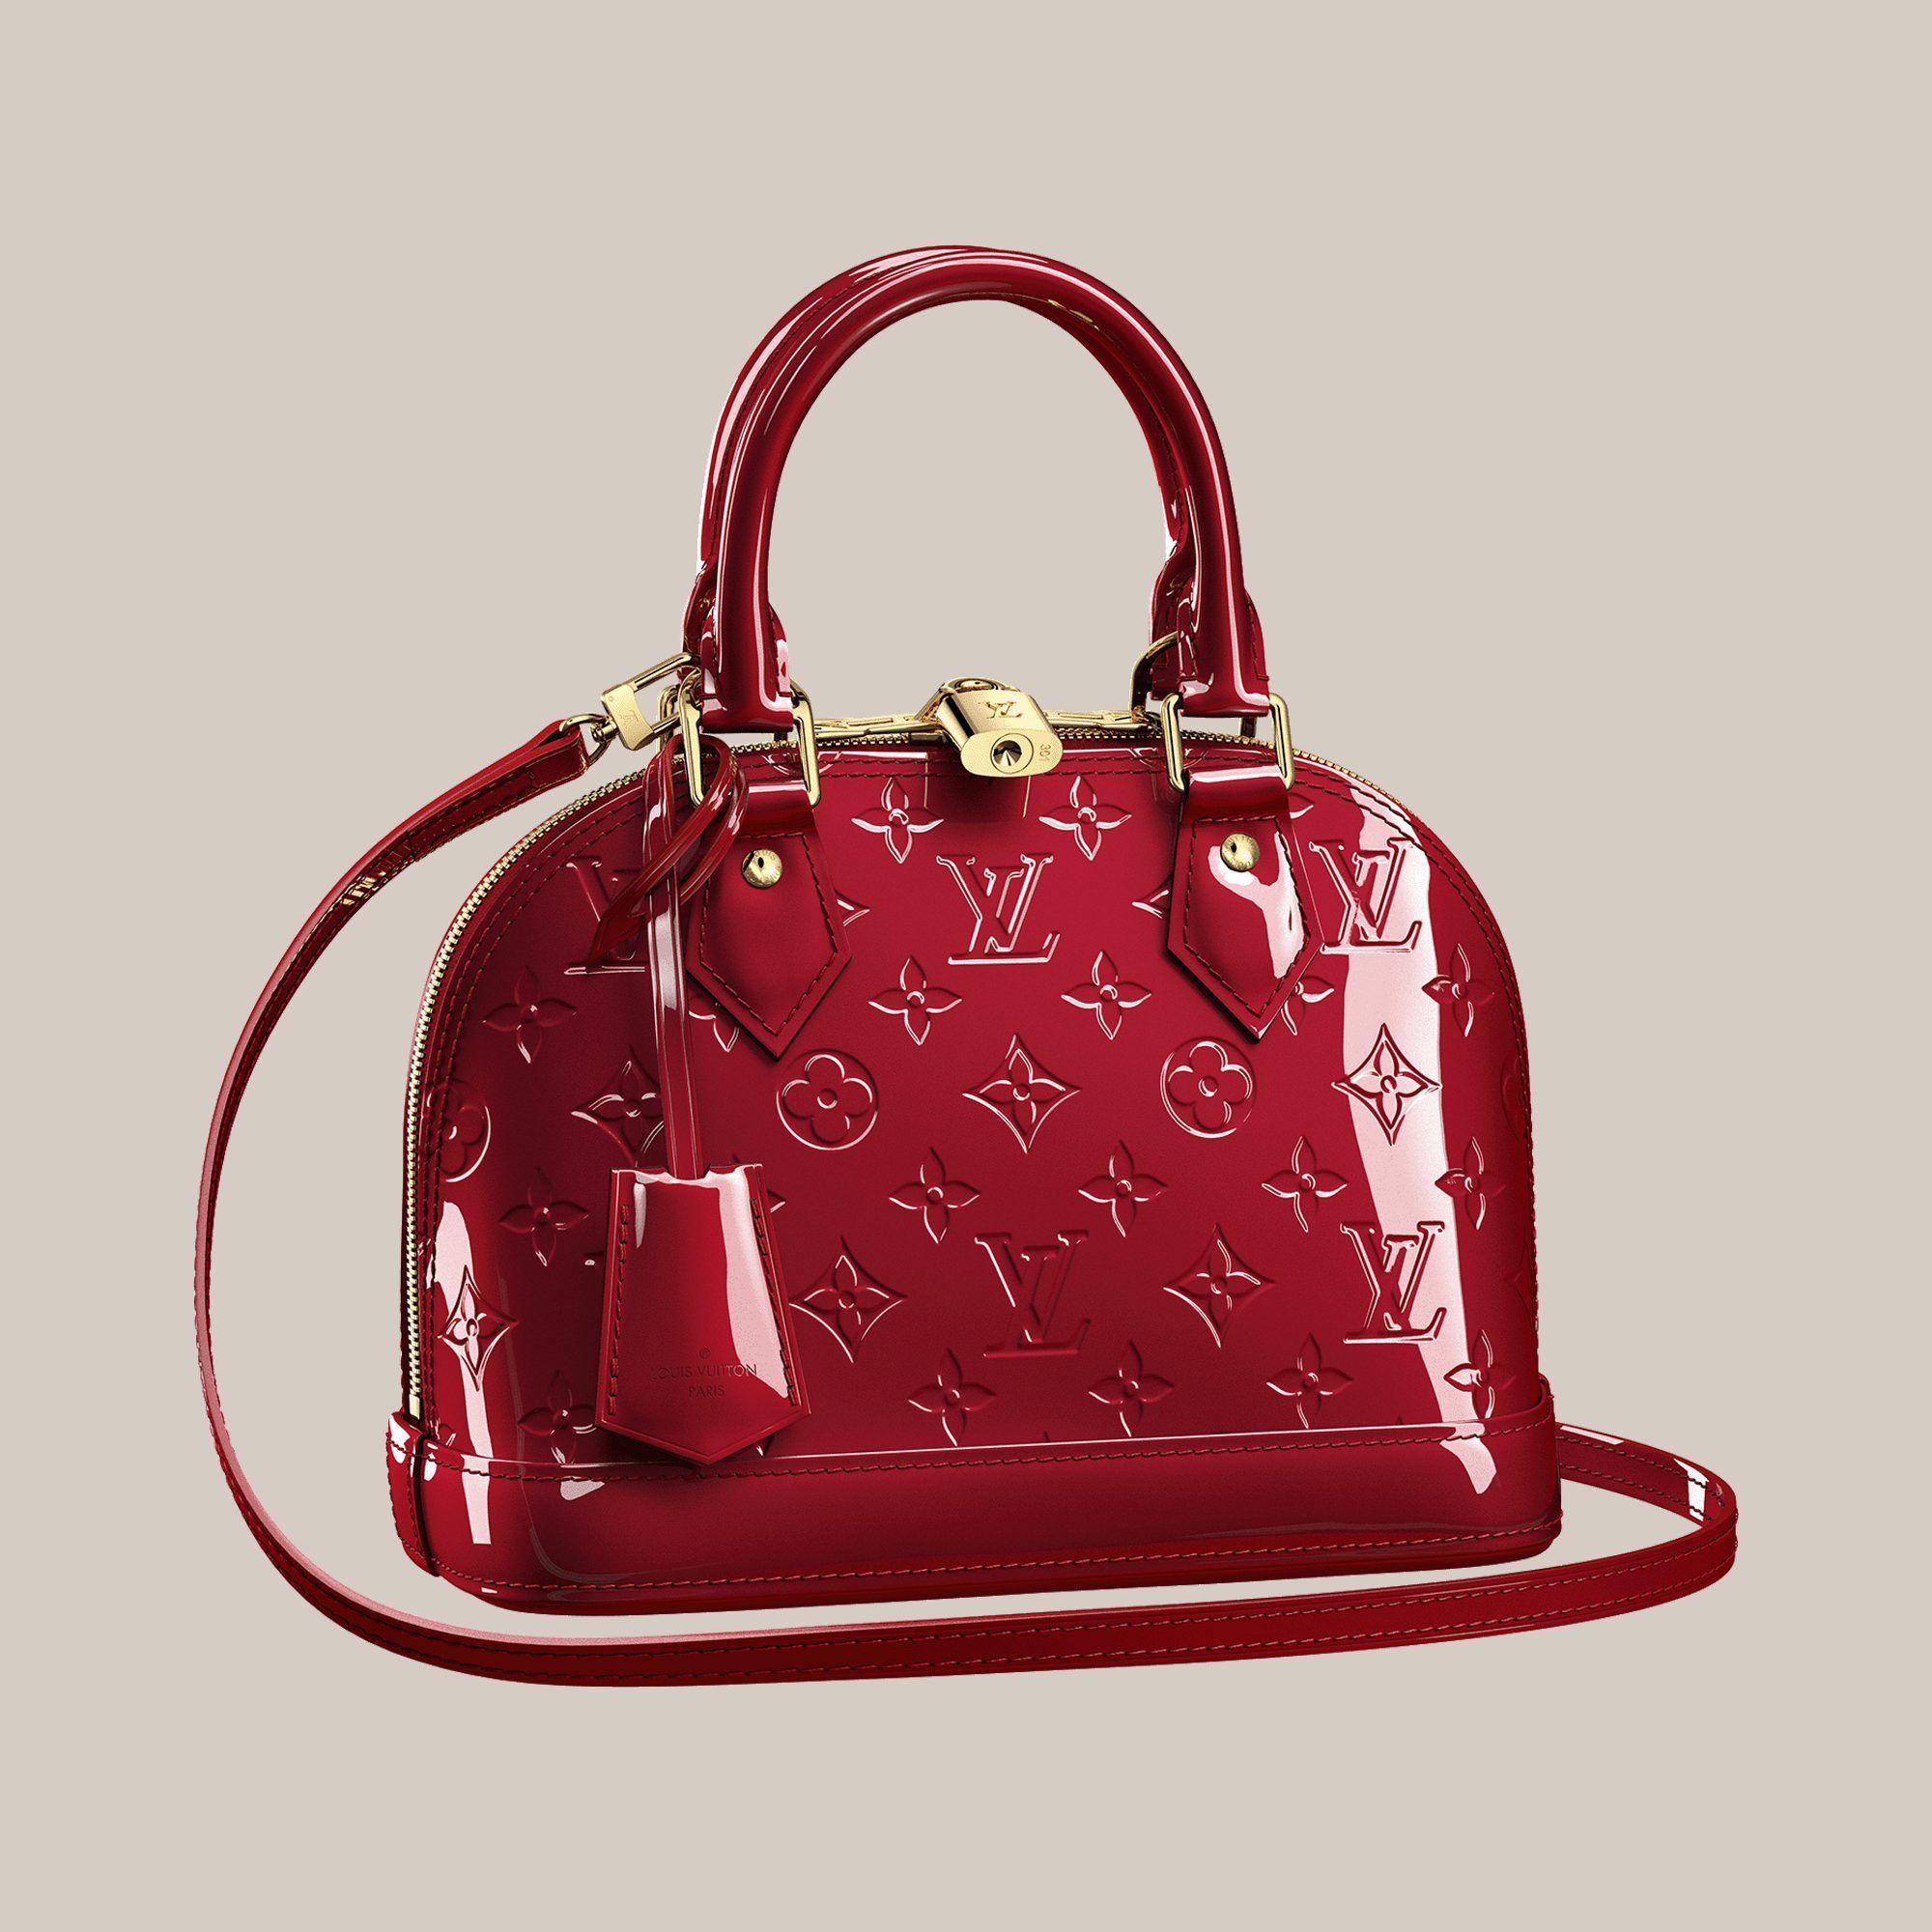 1c8c74c3da Louis Vuitton Alma BB - - Sacs-a-main | Bags LOVE | Louis vuitton ...